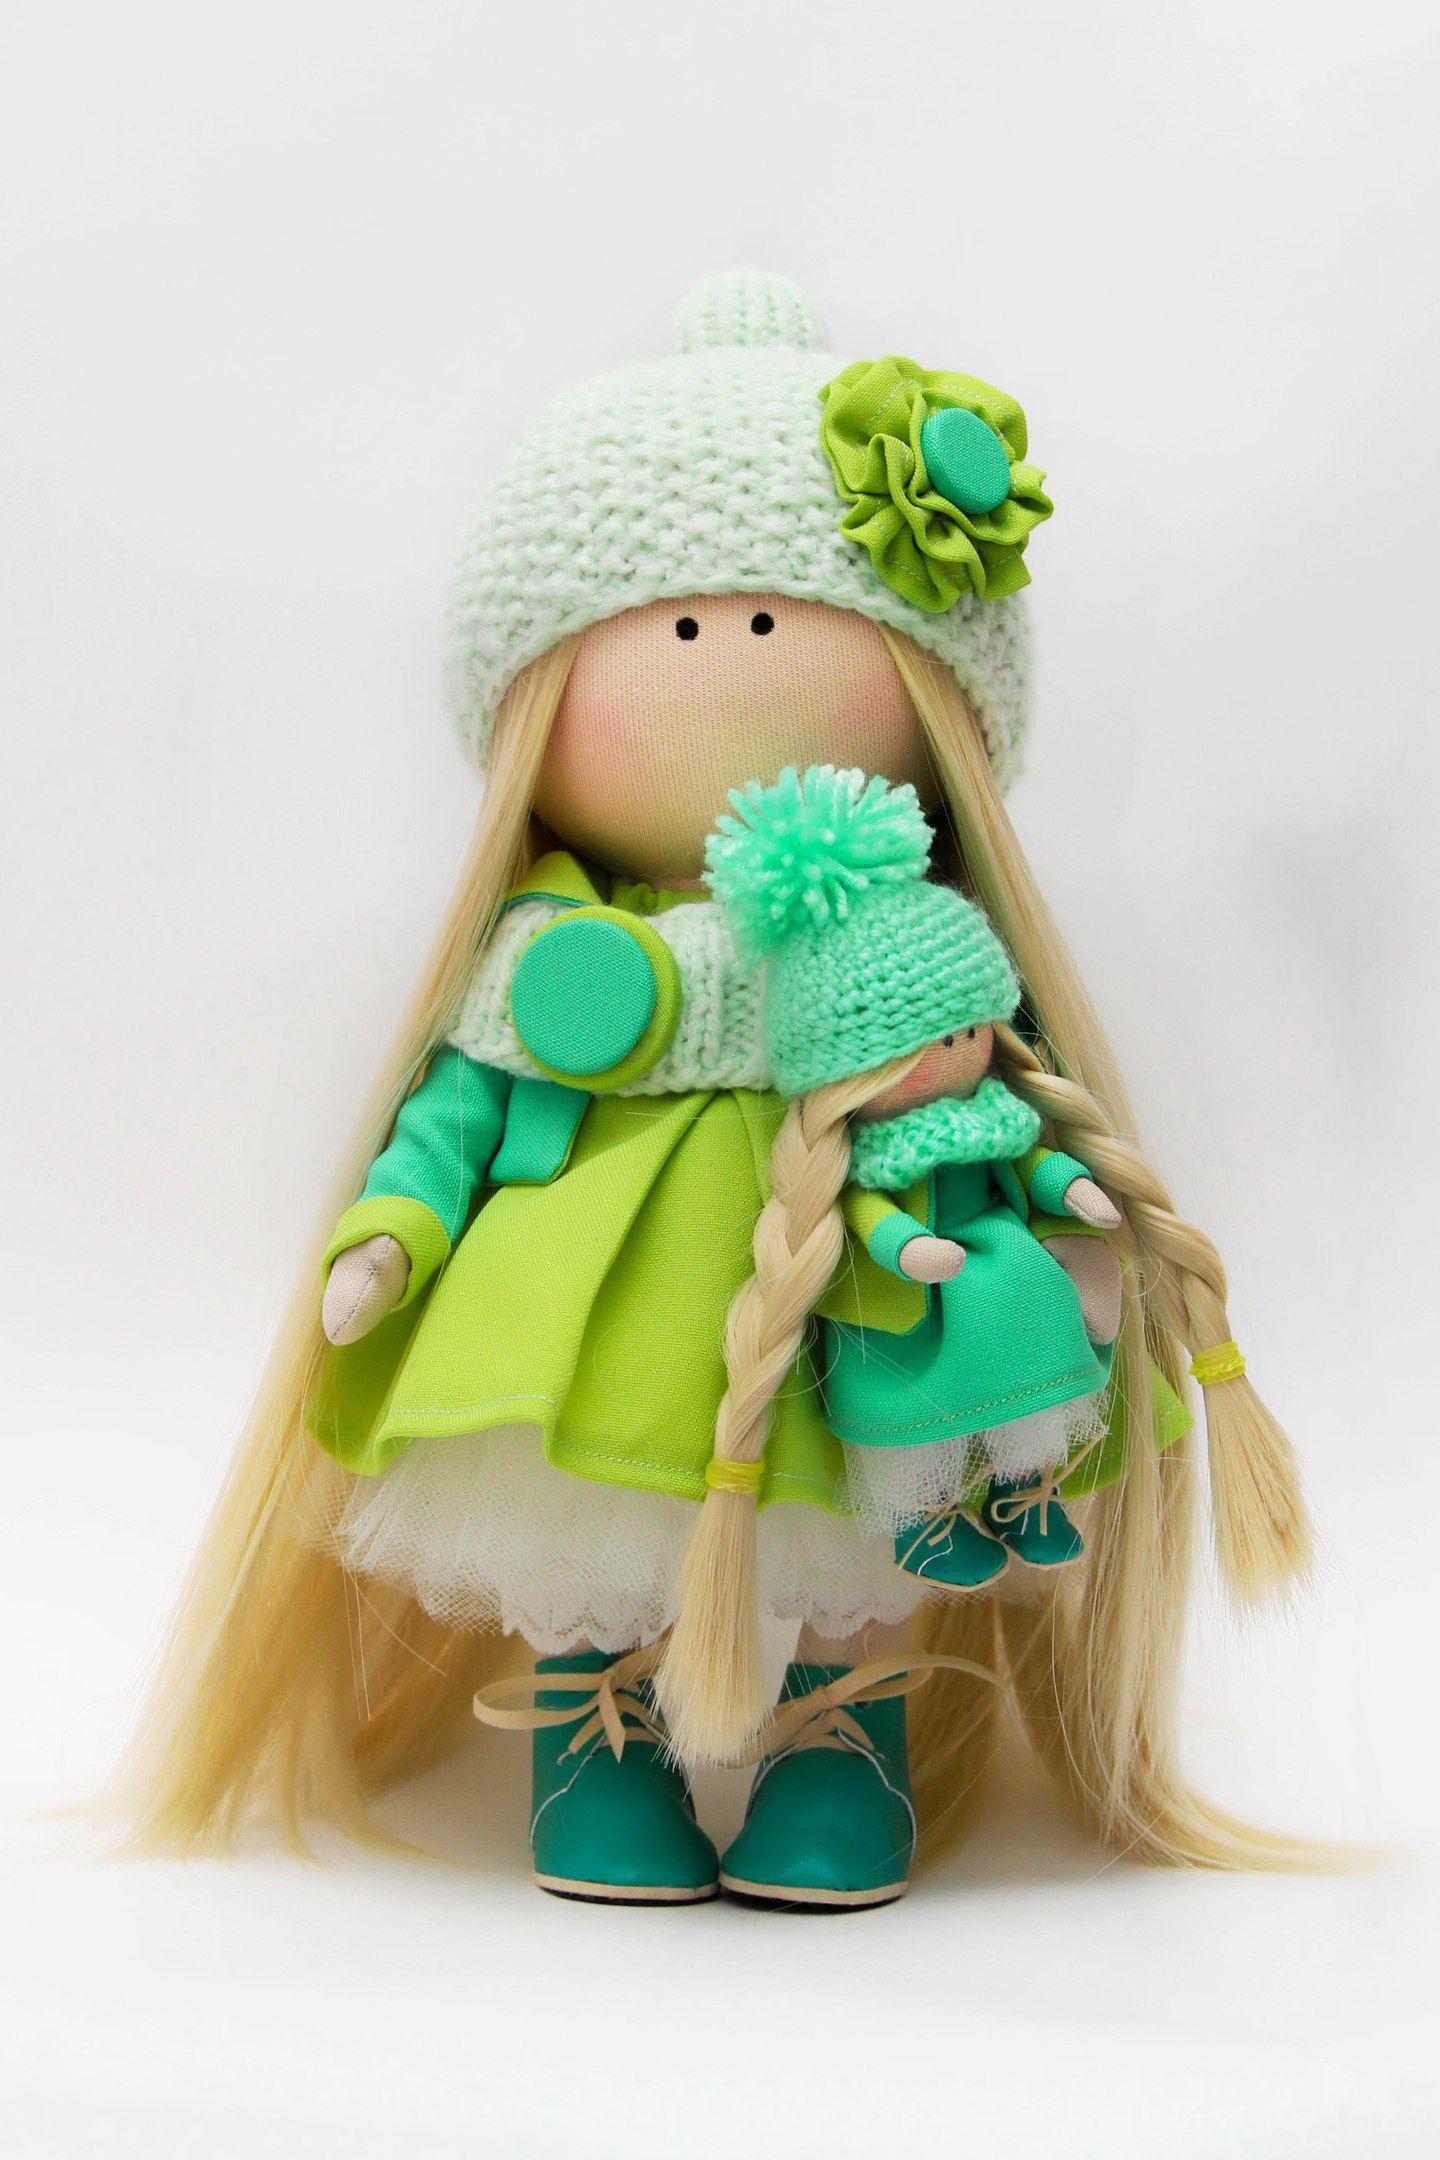 интерьерная игрушка снежка работа заказ на кукла ручная большеножка подарок текстильная